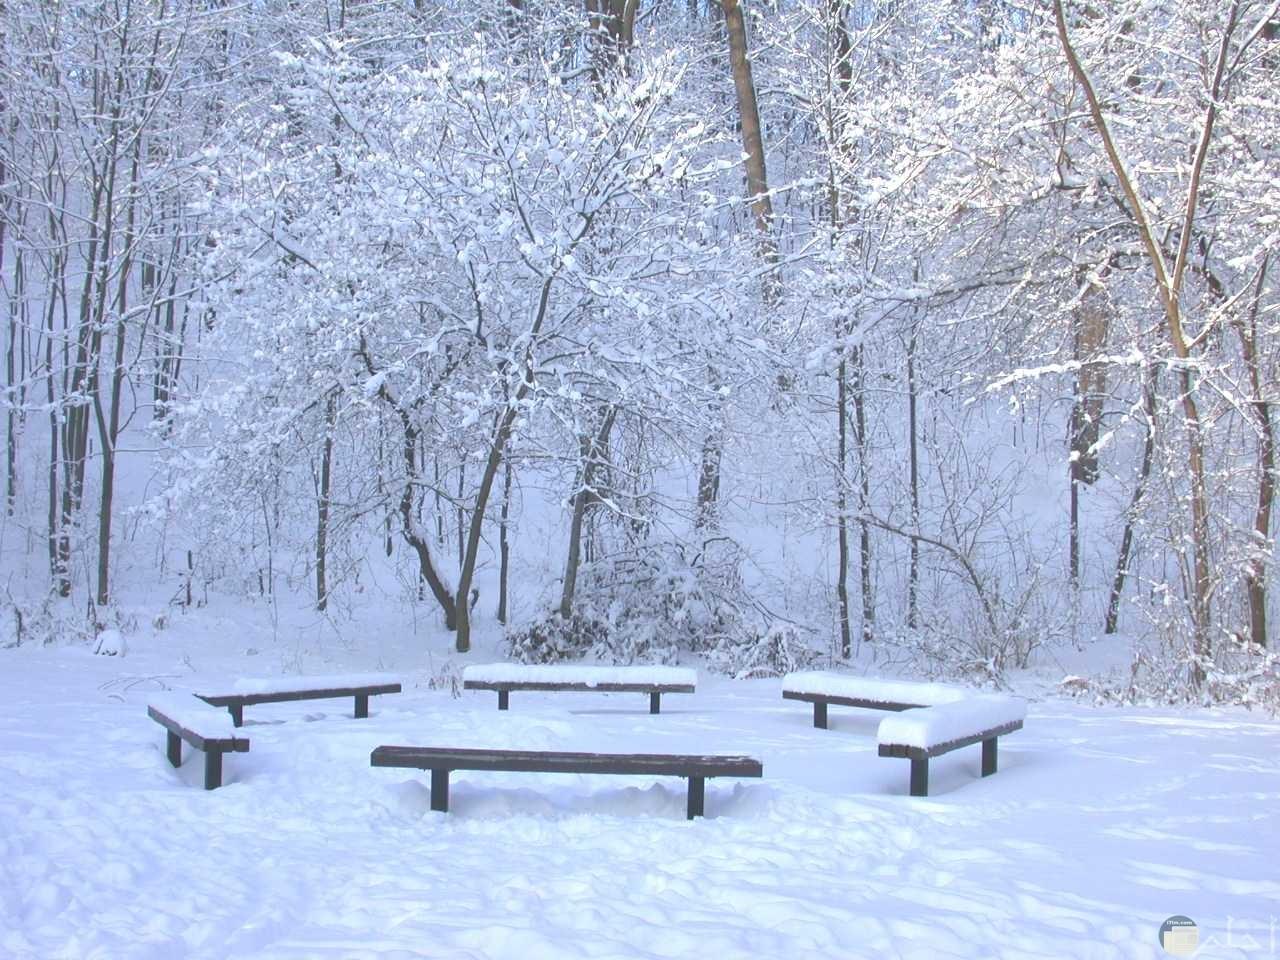 ثلج الشتاء.